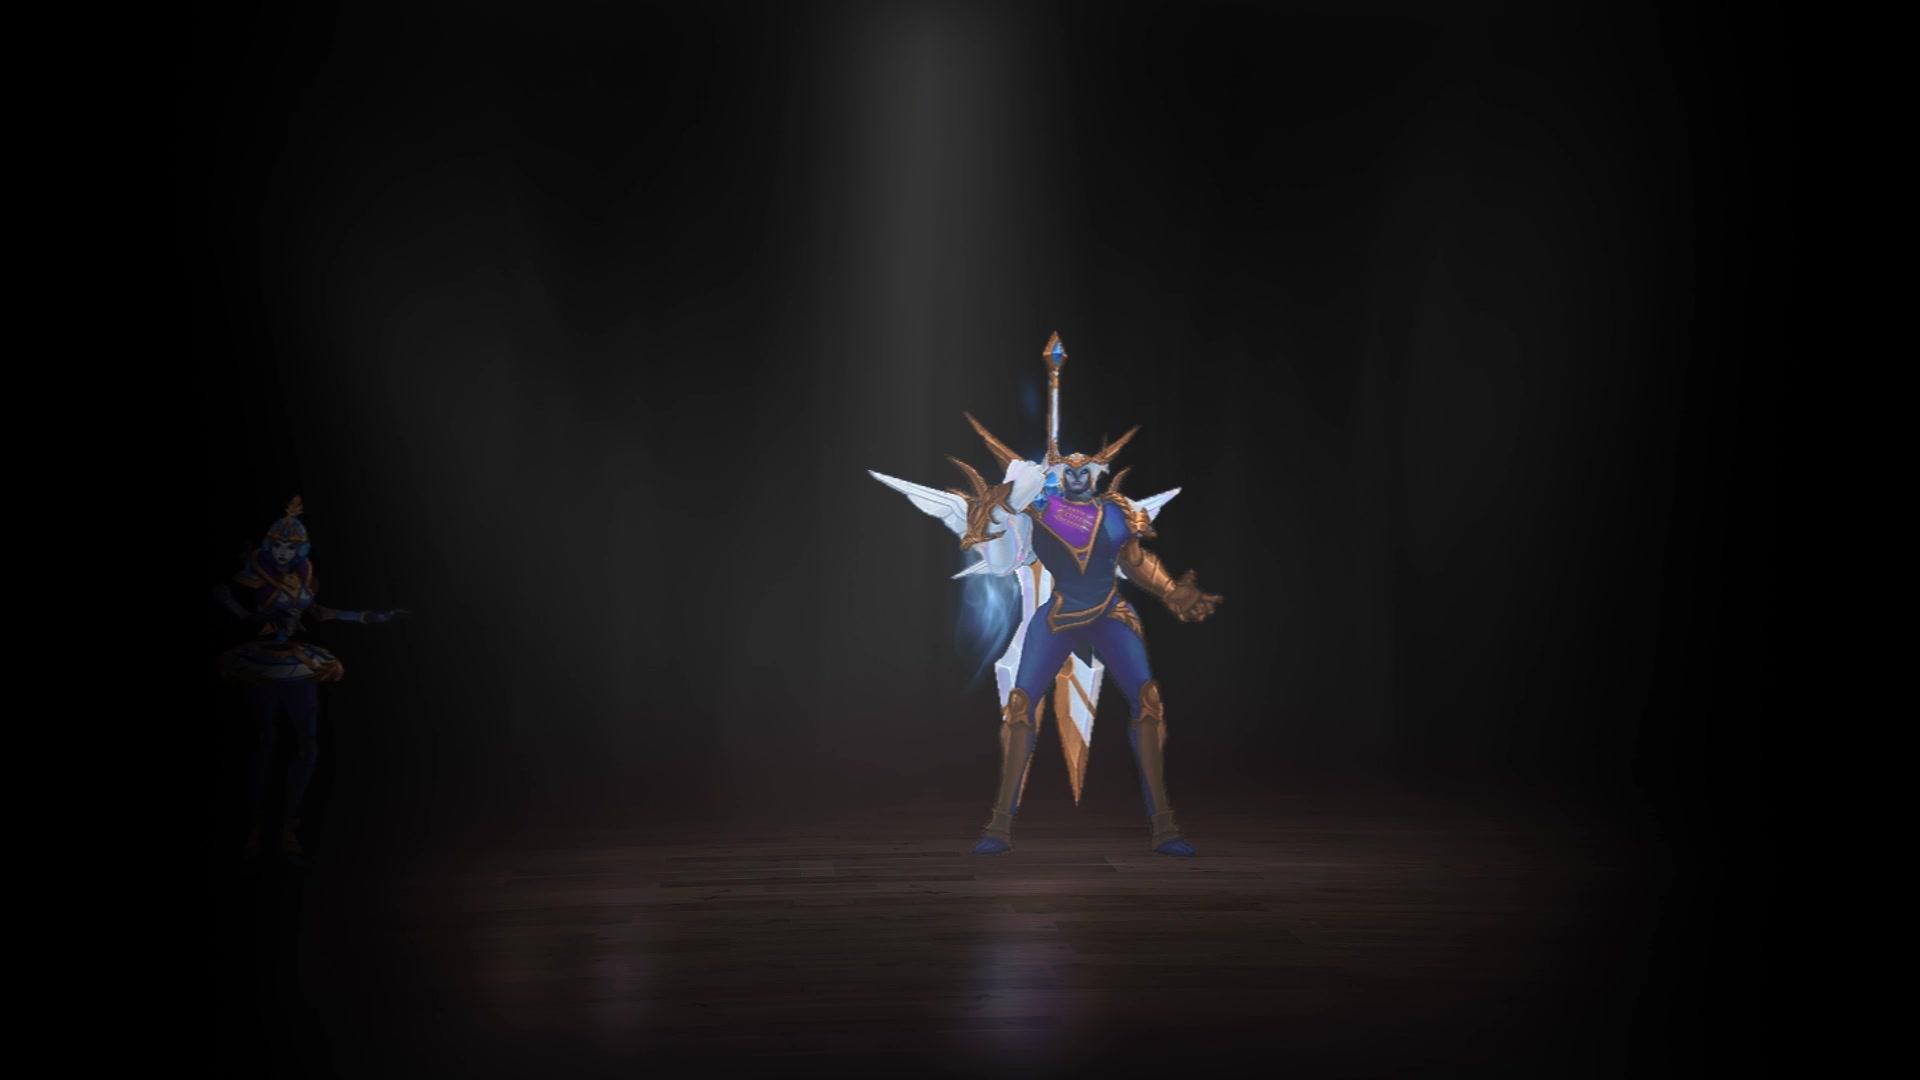 【英雄联盟】胜利女神系列皮肤展示